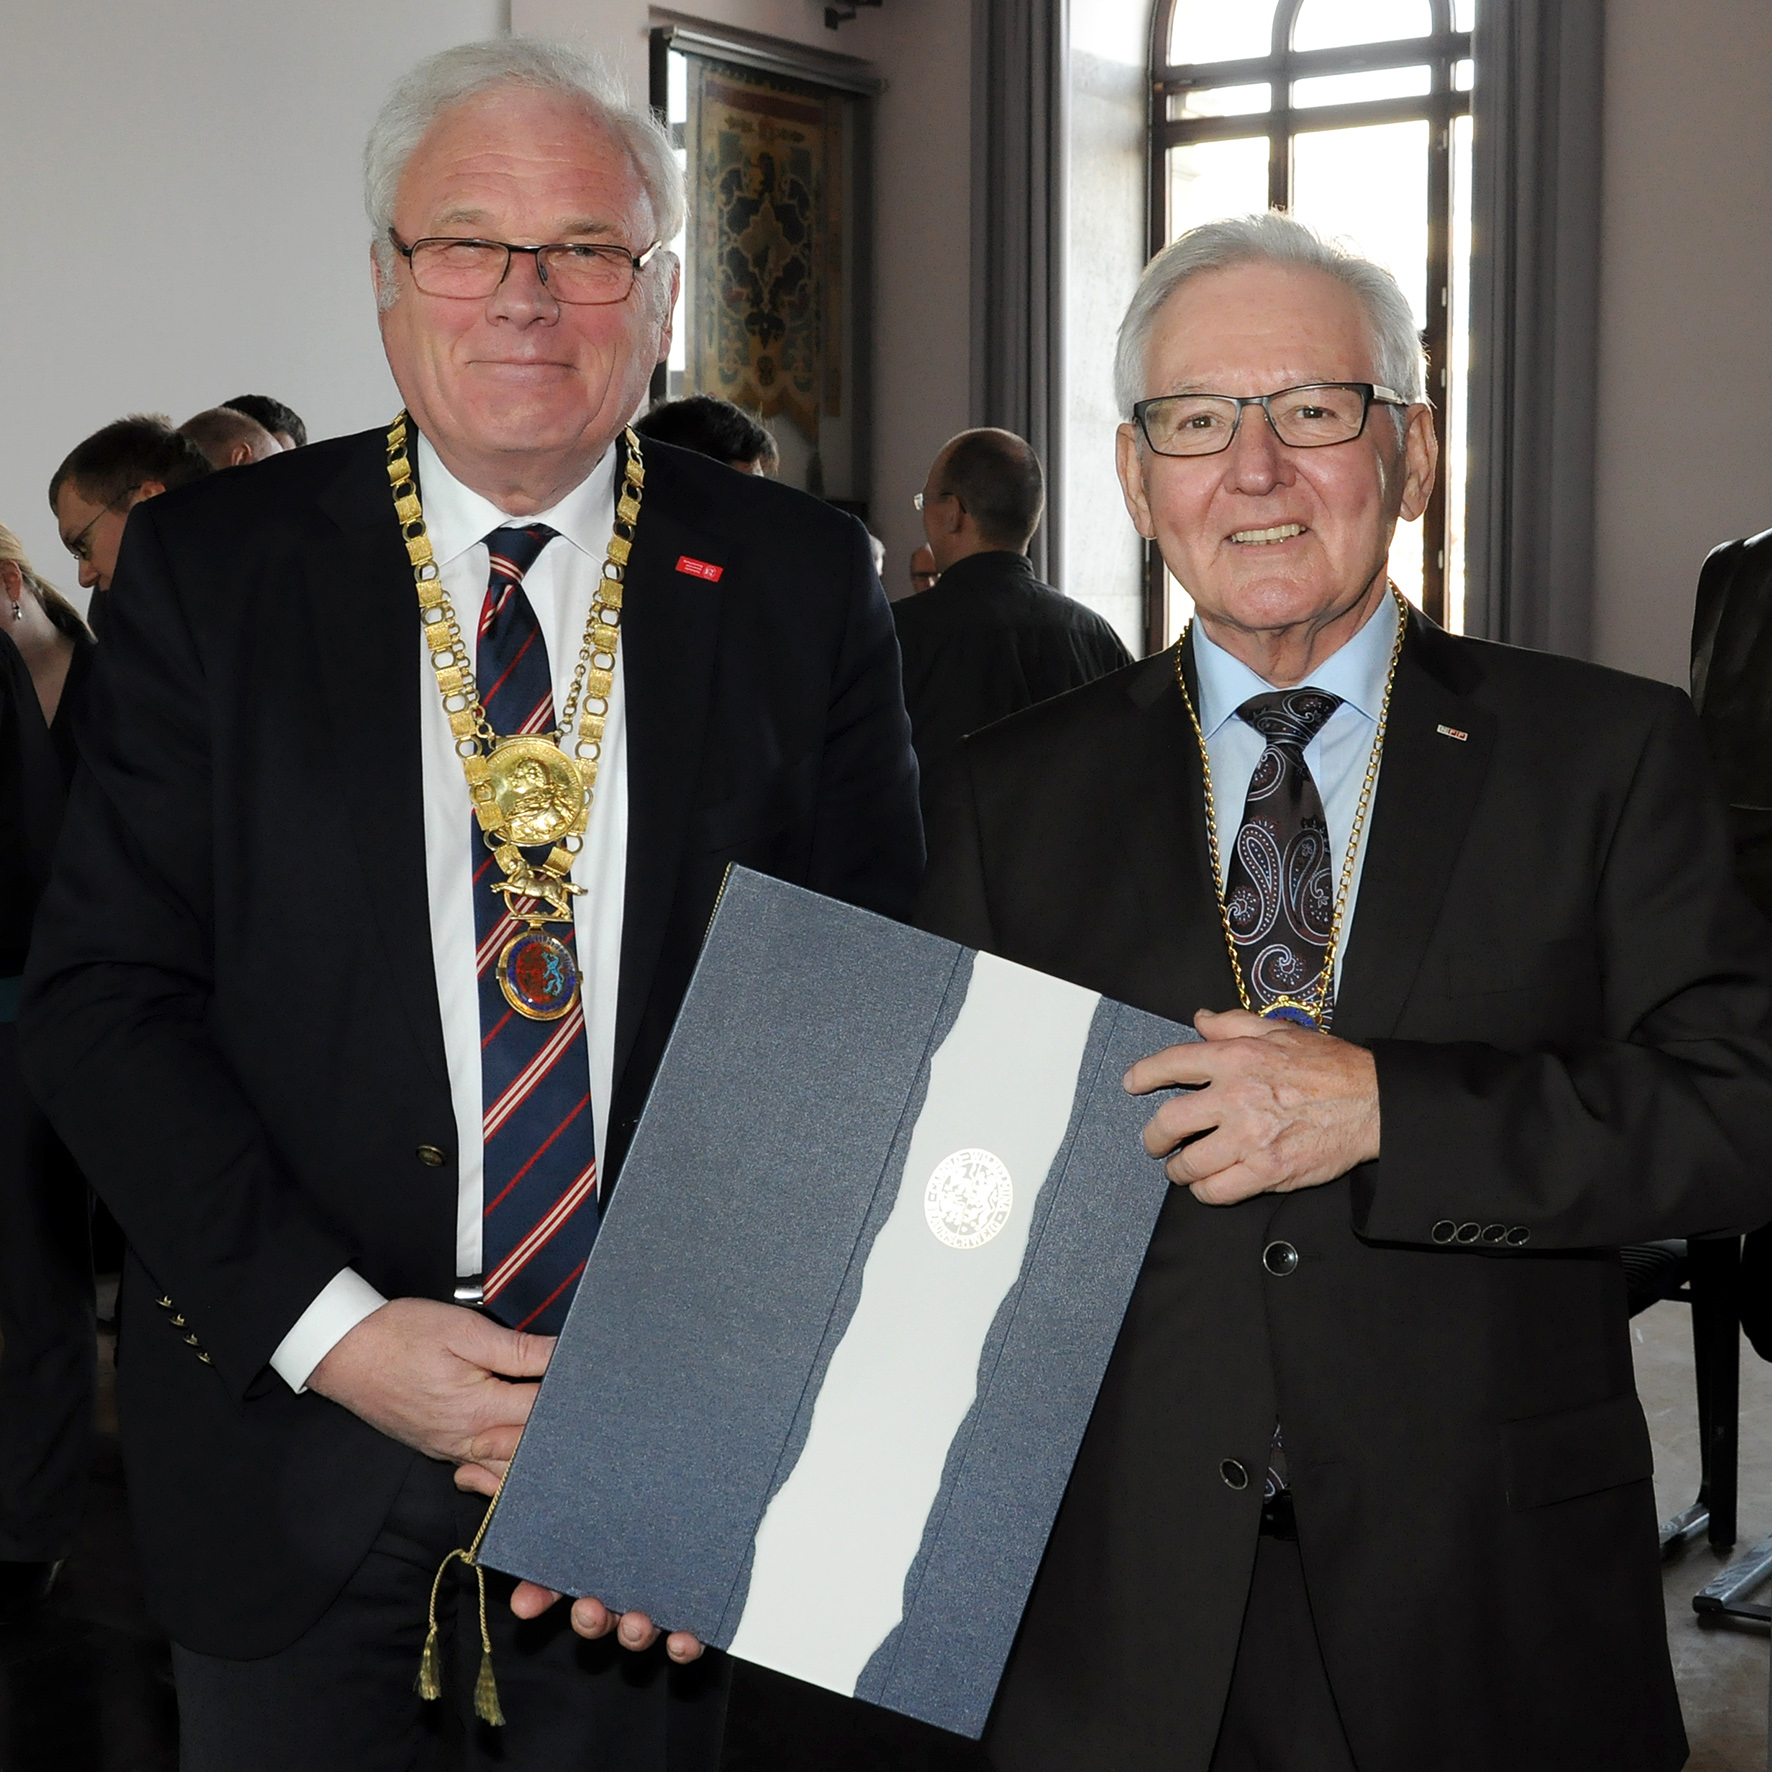 Dr.-Ing. E.h. Kögler (rechts) erhält Urkunde und Amtskette von TU-Präsident Prof. Jürgen Hesselbach.